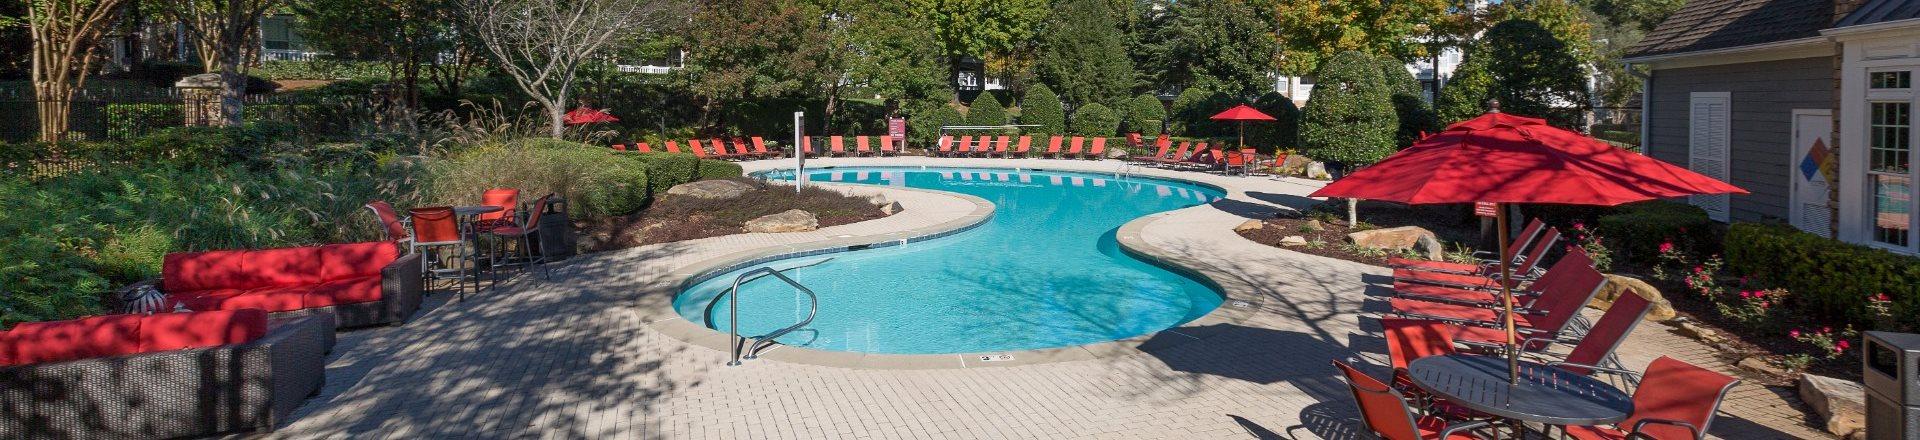 Elan at Mallard Creek | Swimming Pool